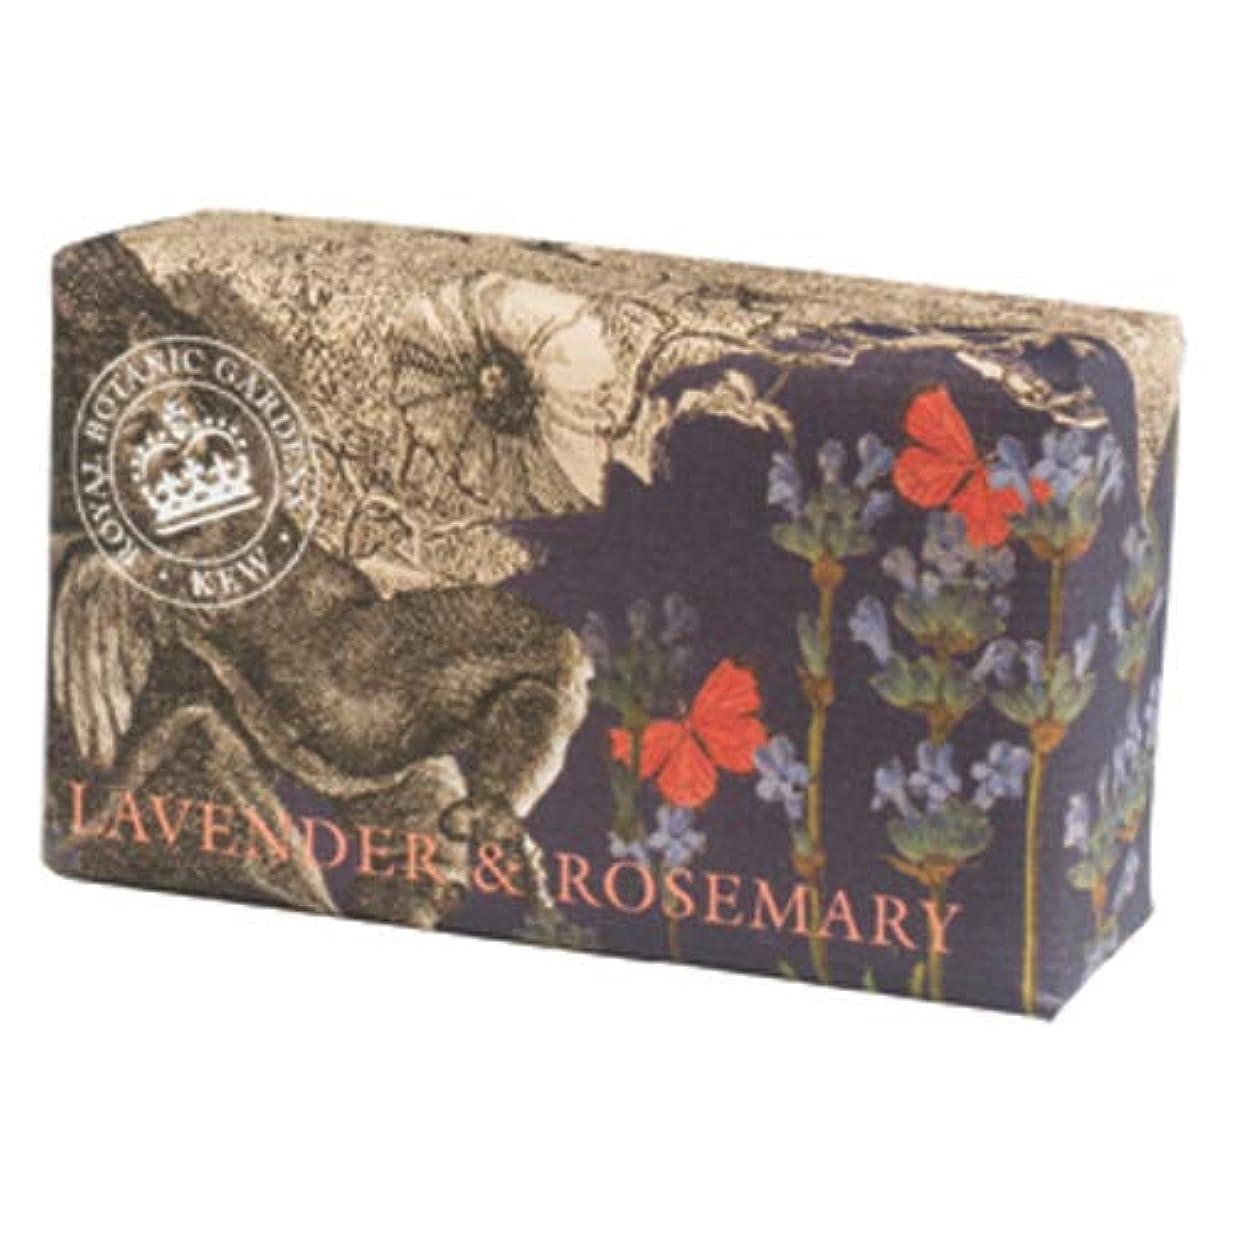 時代遅れ立証する迷信English Soap Company イングリッシュソープカンパニー KEW GARDEN キュー?ガーデン Luxury Shea Soaps シアソープ Lavender & Rosemary ラベンダー&ローズマリー